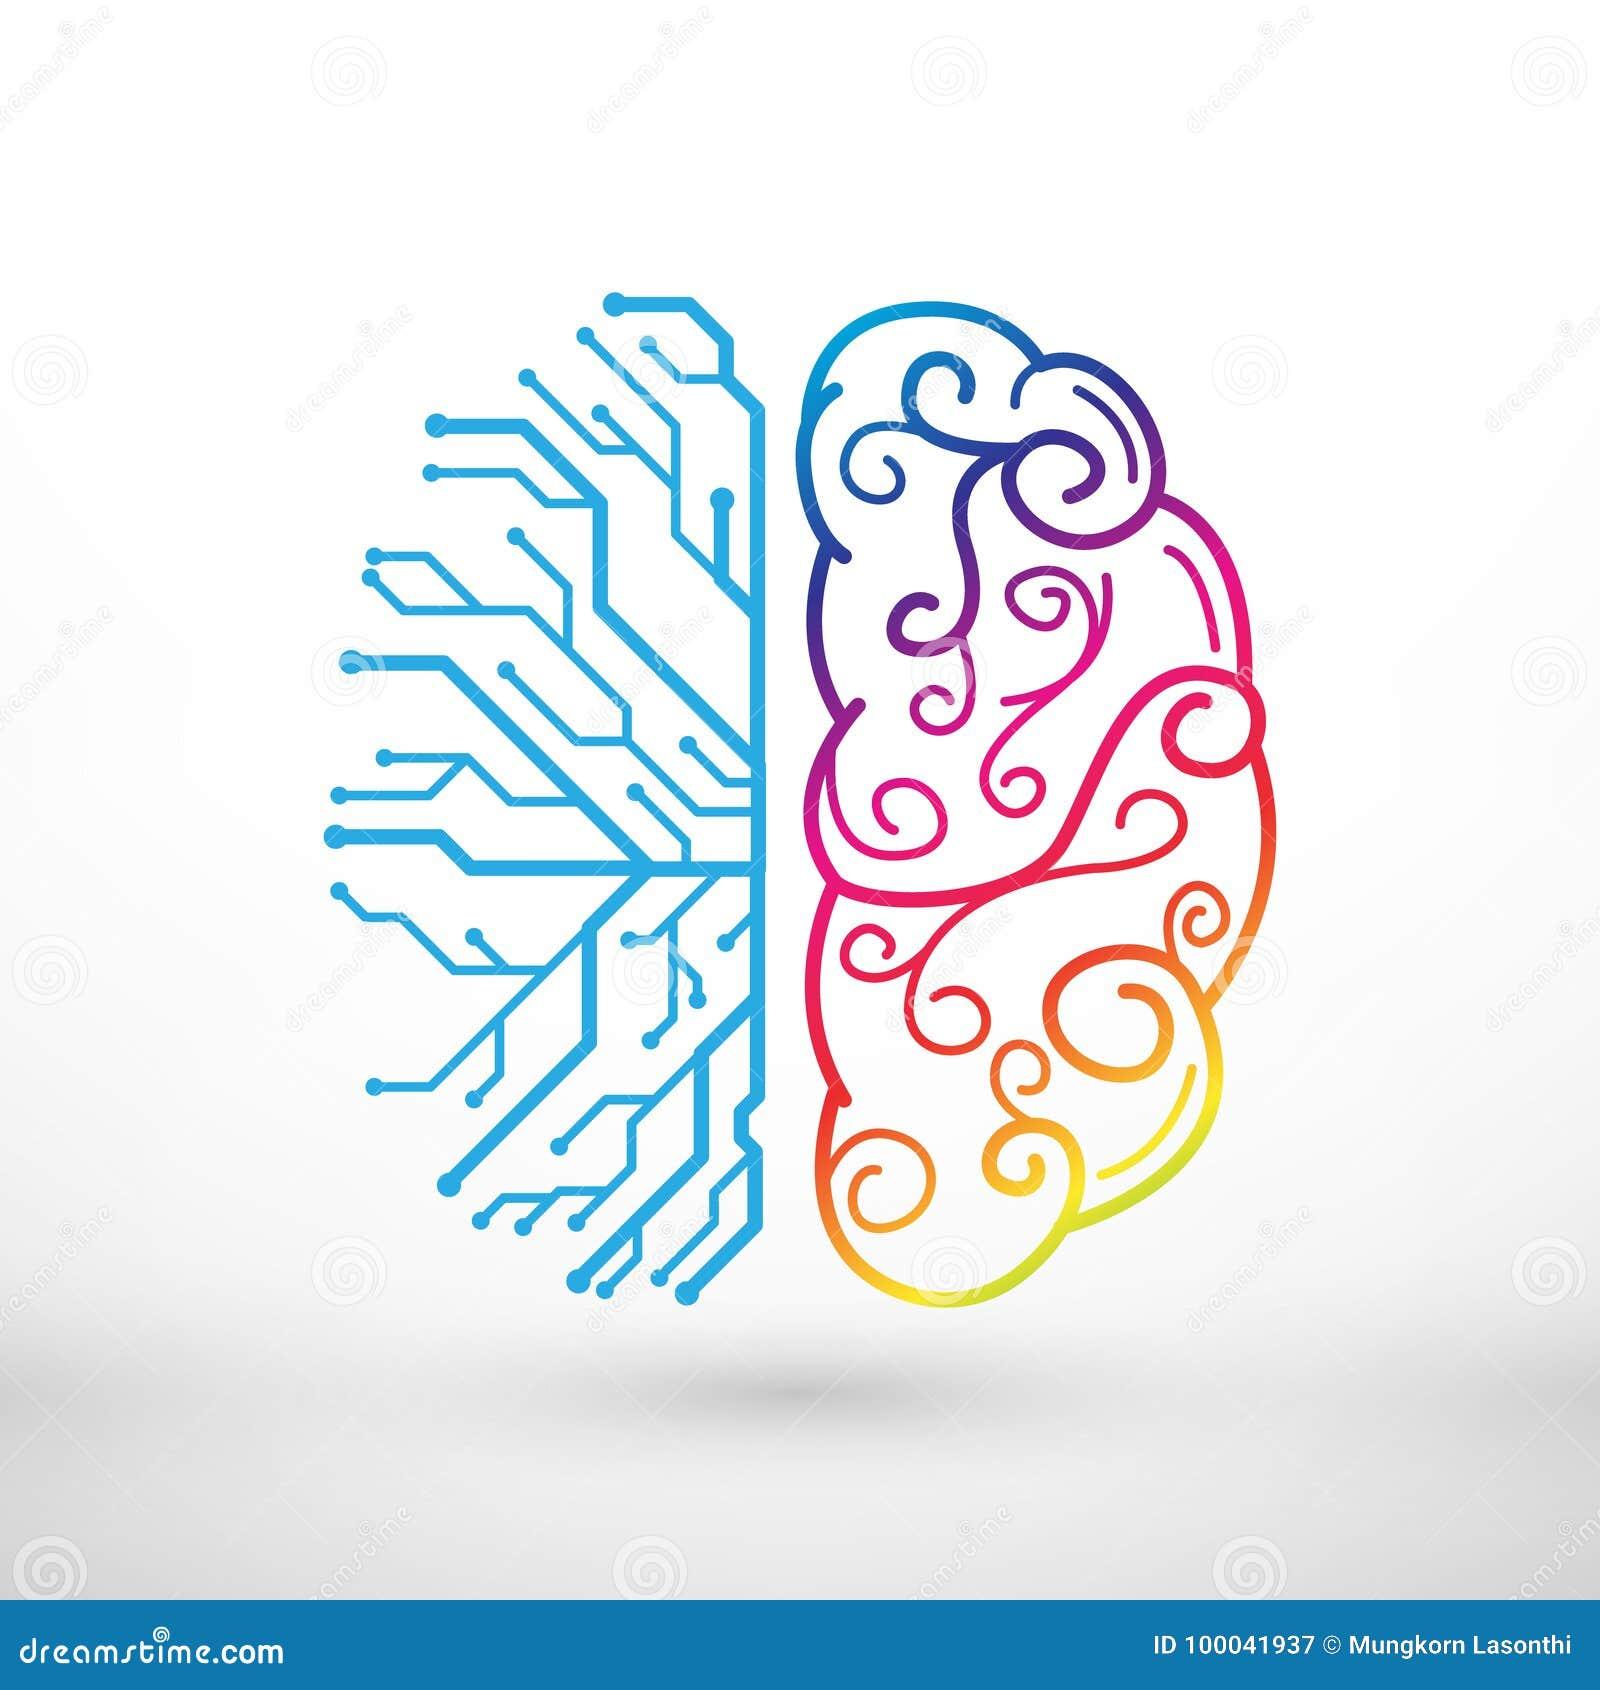 O sumário alinha o conceito das funções do cérebro esquerdo e direito